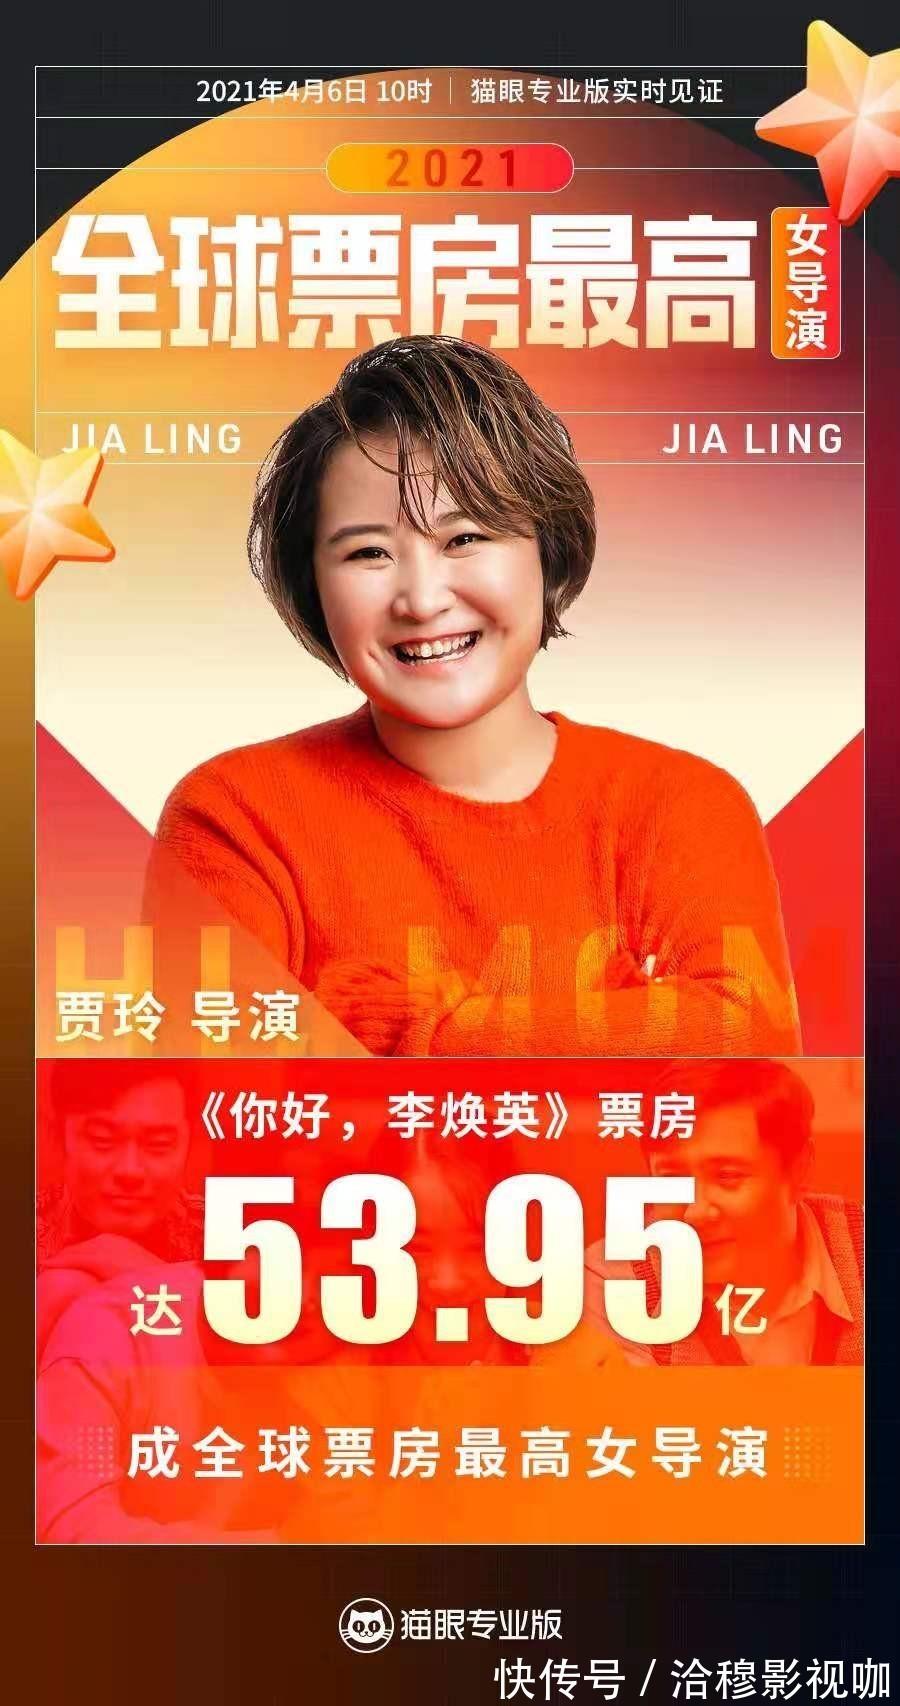 你好李焕英|贾玲成全球票房最高女导演,你好李焕英53.95亿,超神奇女侠